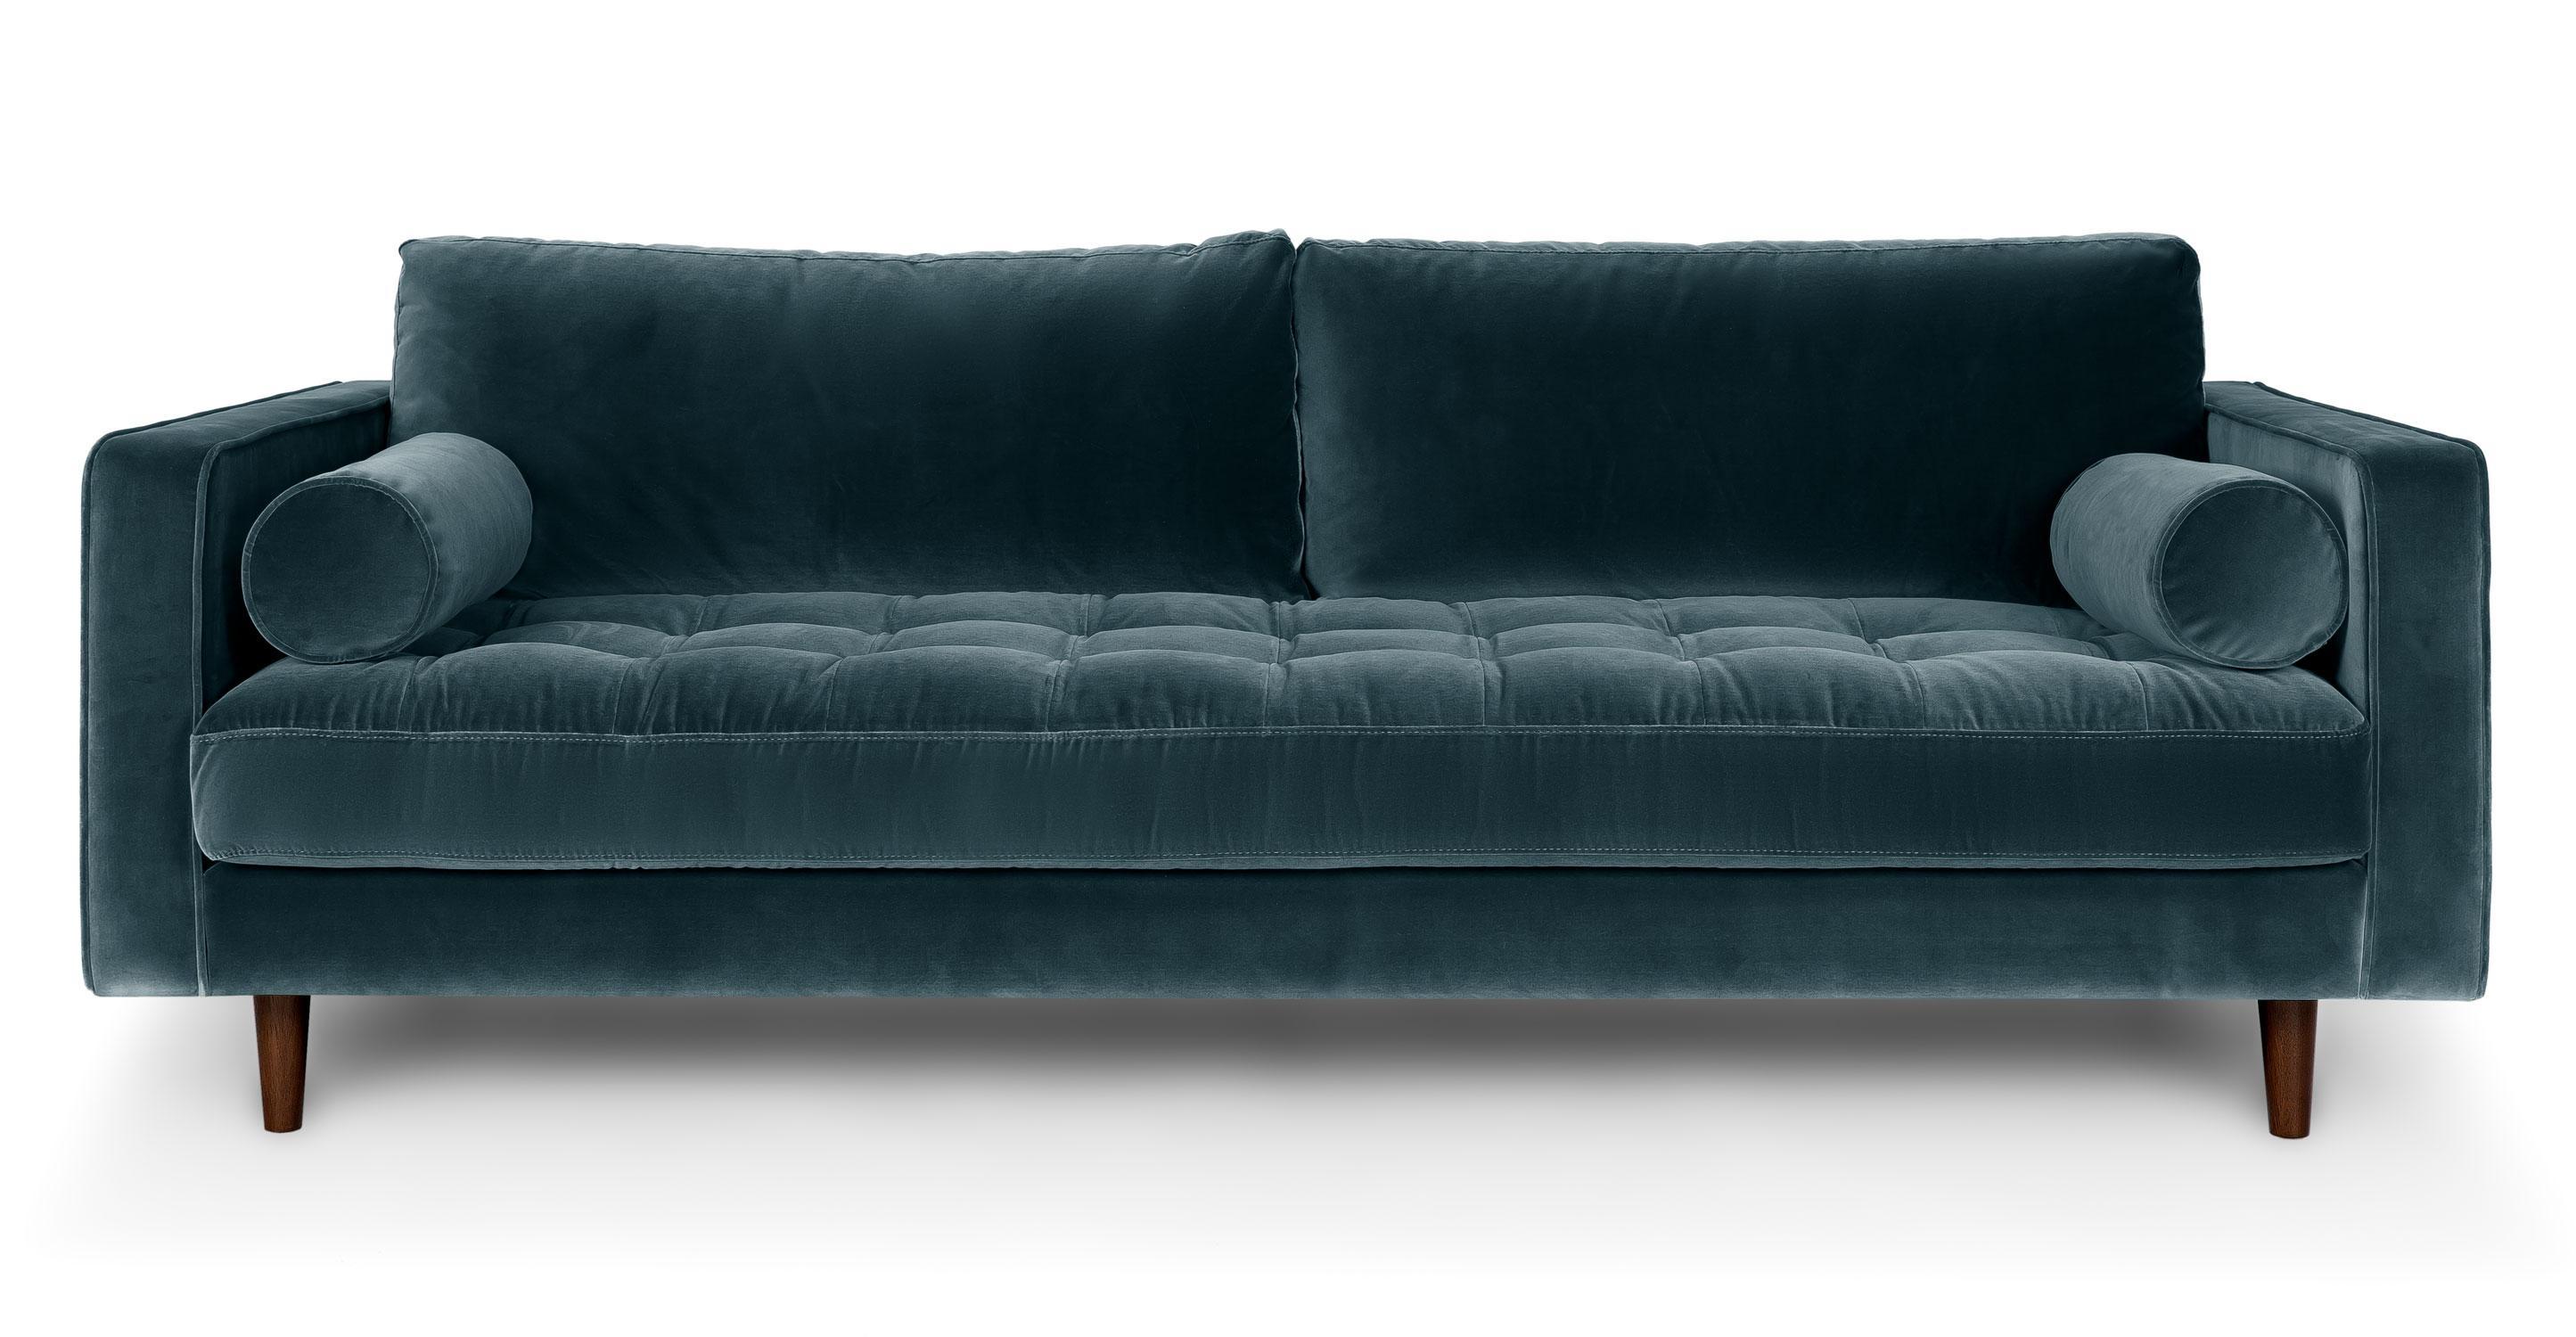 Sofas: Mid Century Sofas | Retro Sleeper Sofa | Cheap Retro Sofa Pertaining To Cheap Retro Sofas (View 4 of 20)